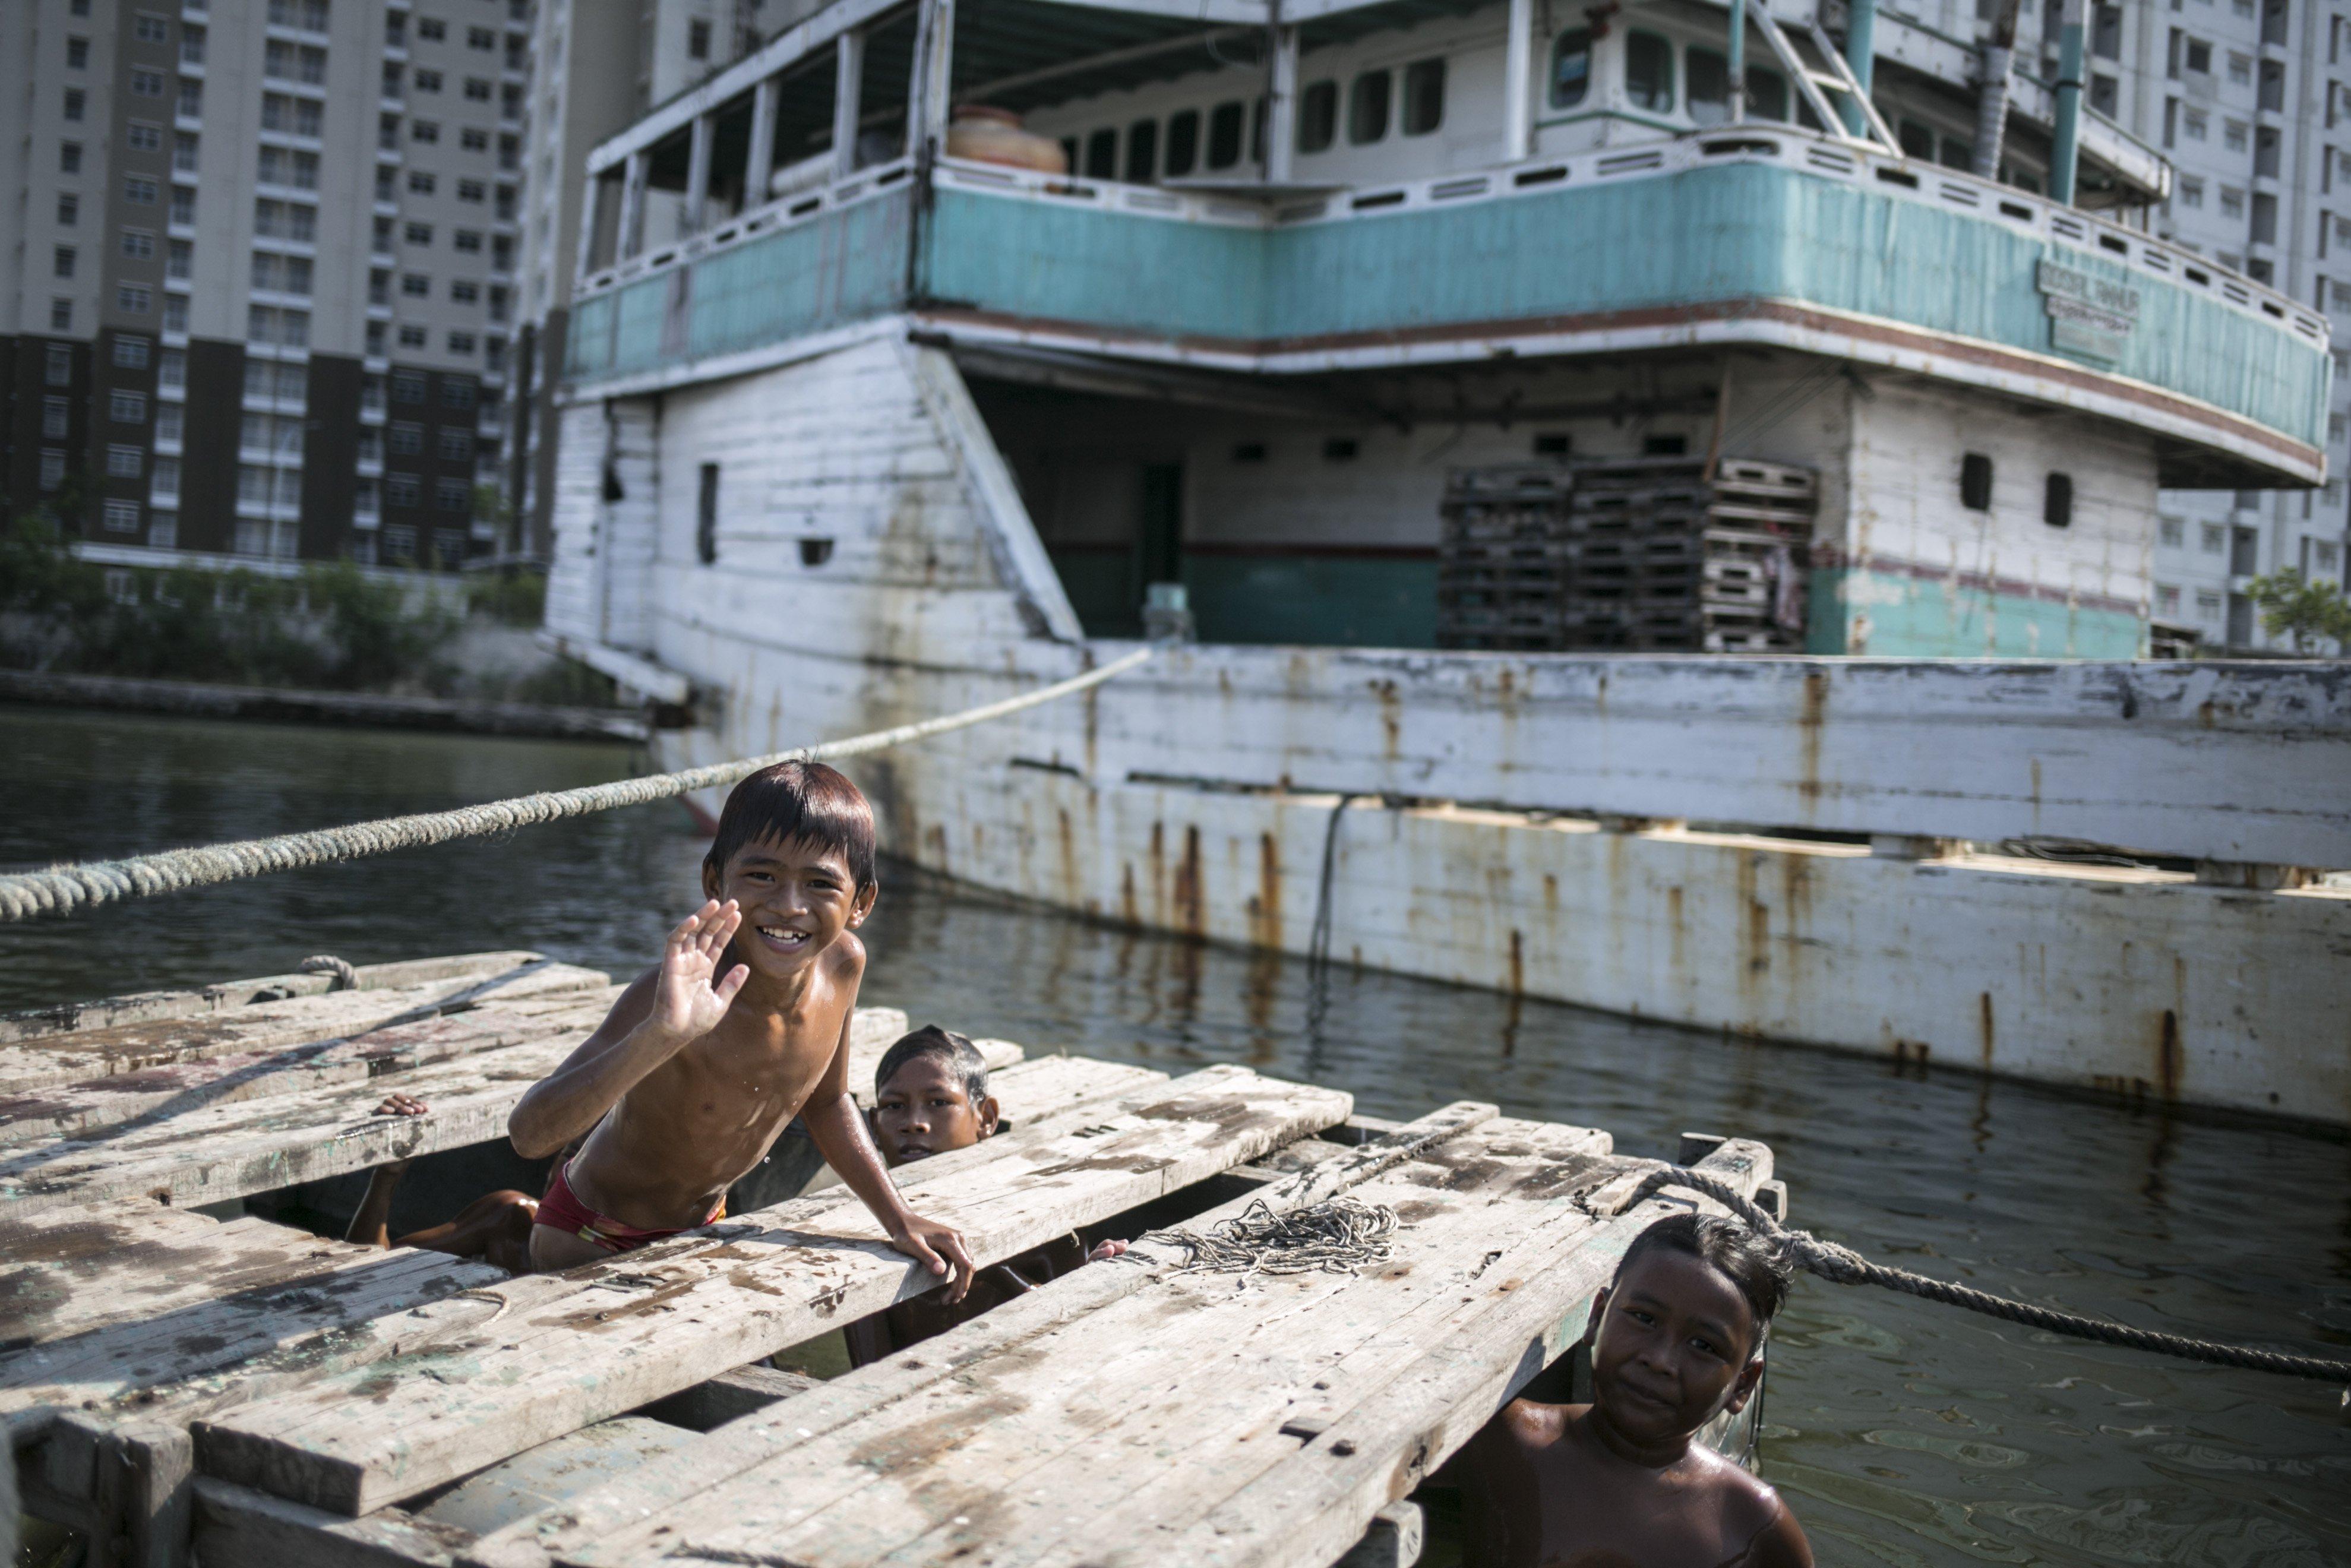 Sejumlah anak berenang di Kawasan Pelabuhan Suda Kelapa, Jakarta Utara, Senin (27/7/2020). Anak-anak ini menjadikan pelabuhan untuk tempat bermain dan mencari rejeki dari para pengunjung yang datang ke pelabuhan.